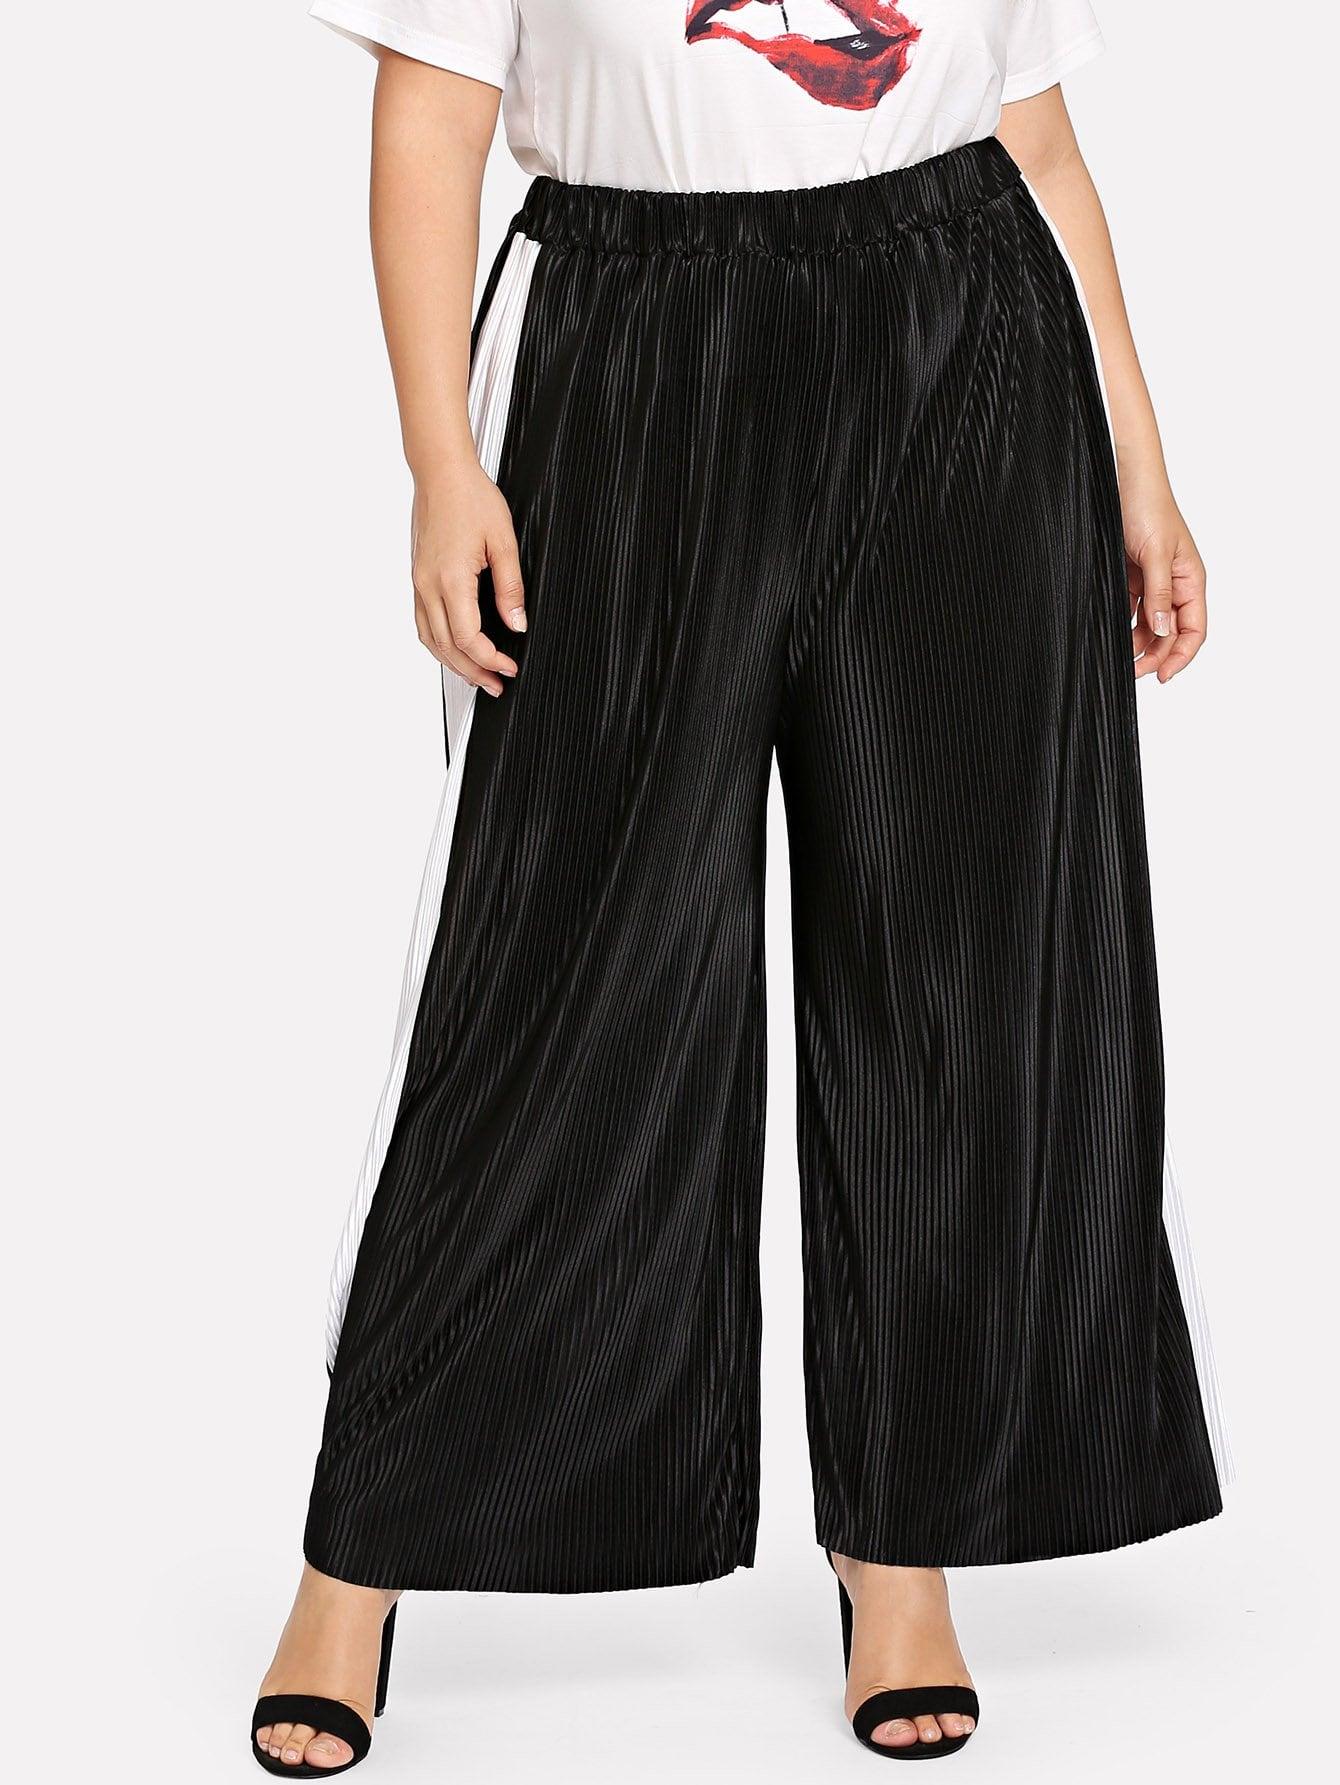 Купить Элегантный Полосатый плиссированное Чёрные Брюки размера плюс, Franziska, SheIn